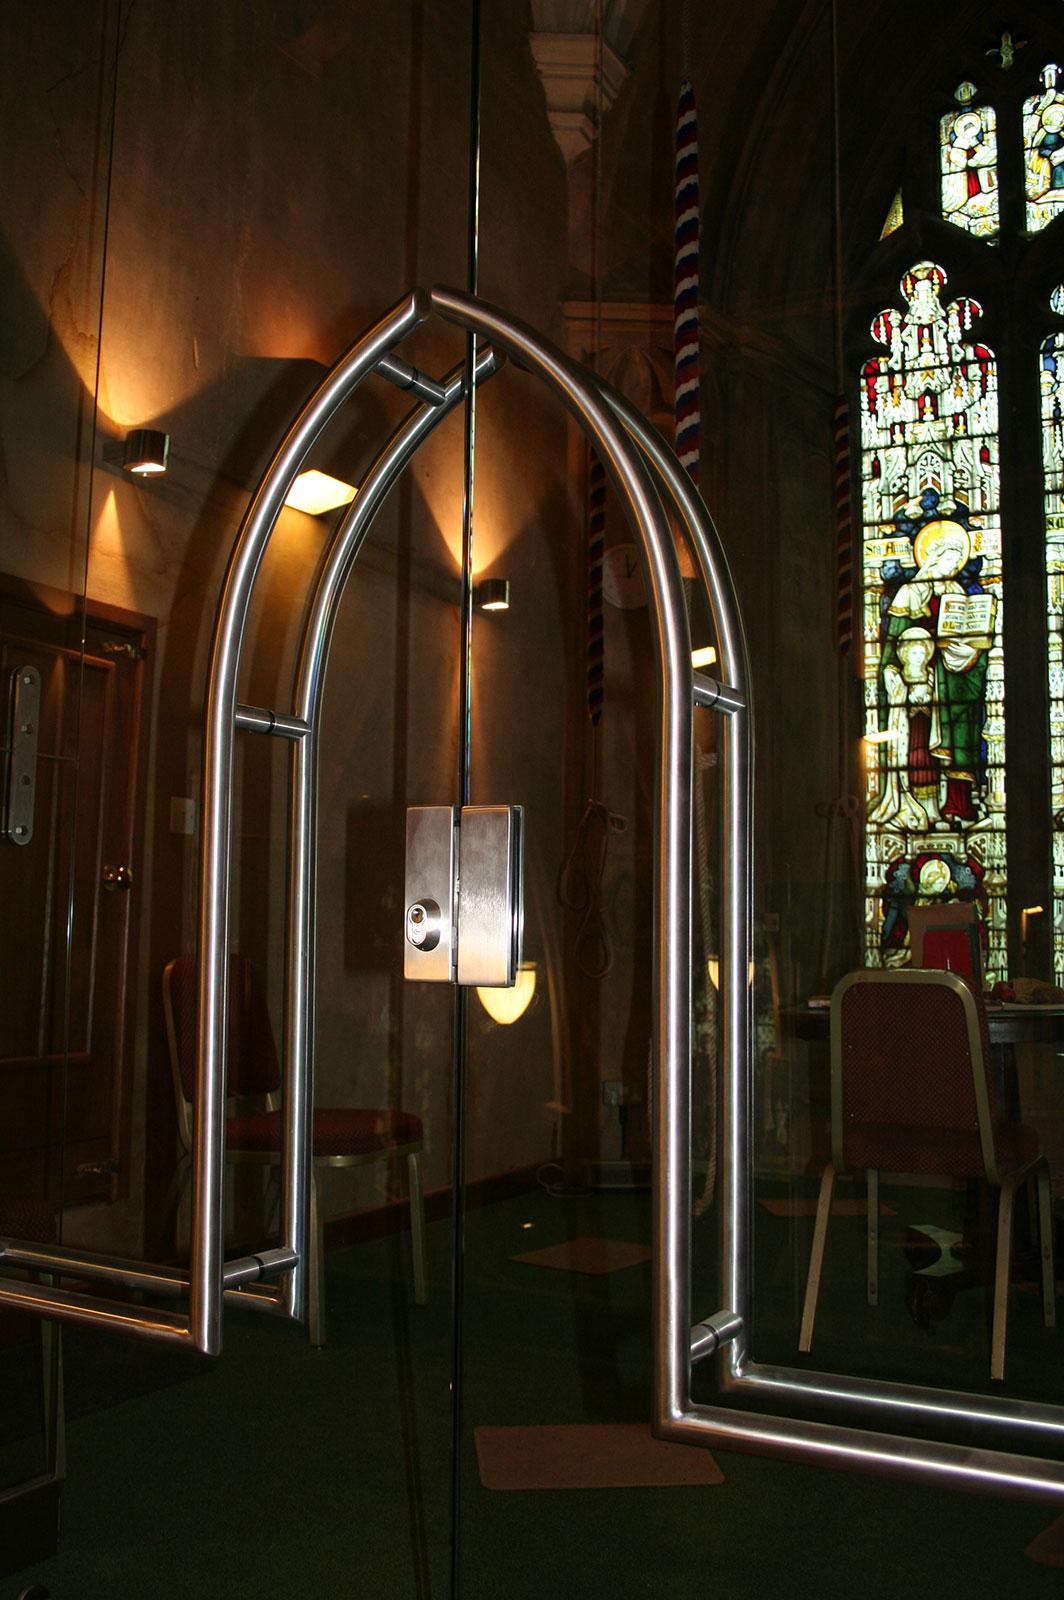 Stainless Steel Door Handles, St. Peter's Church